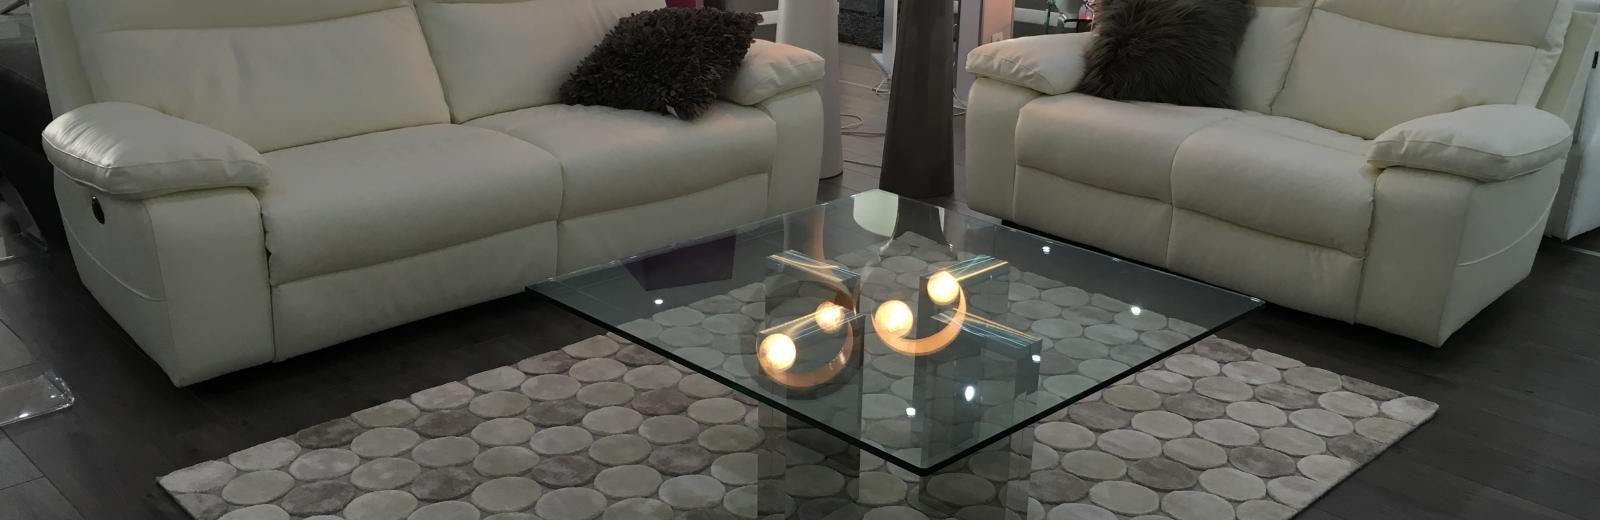 Canapé relax revêtement cuir & tissu Contemporain - Modèle 699 E